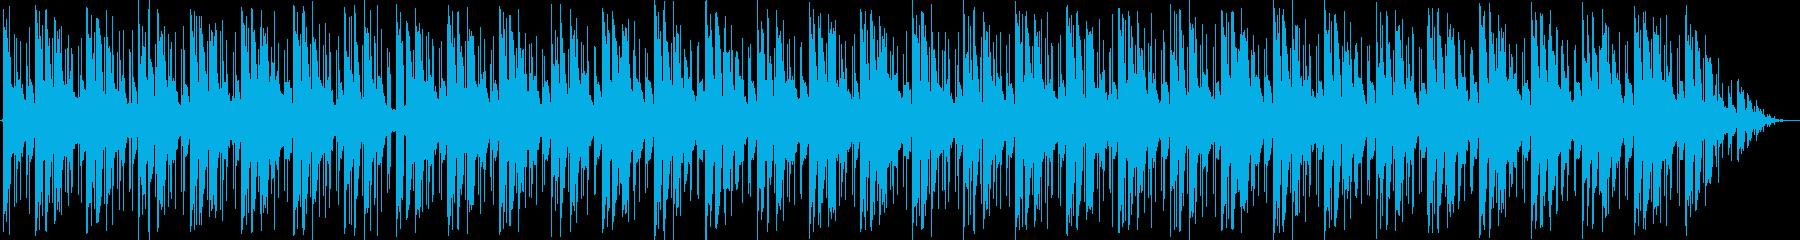 無機質なエレクトロの再生済みの波形